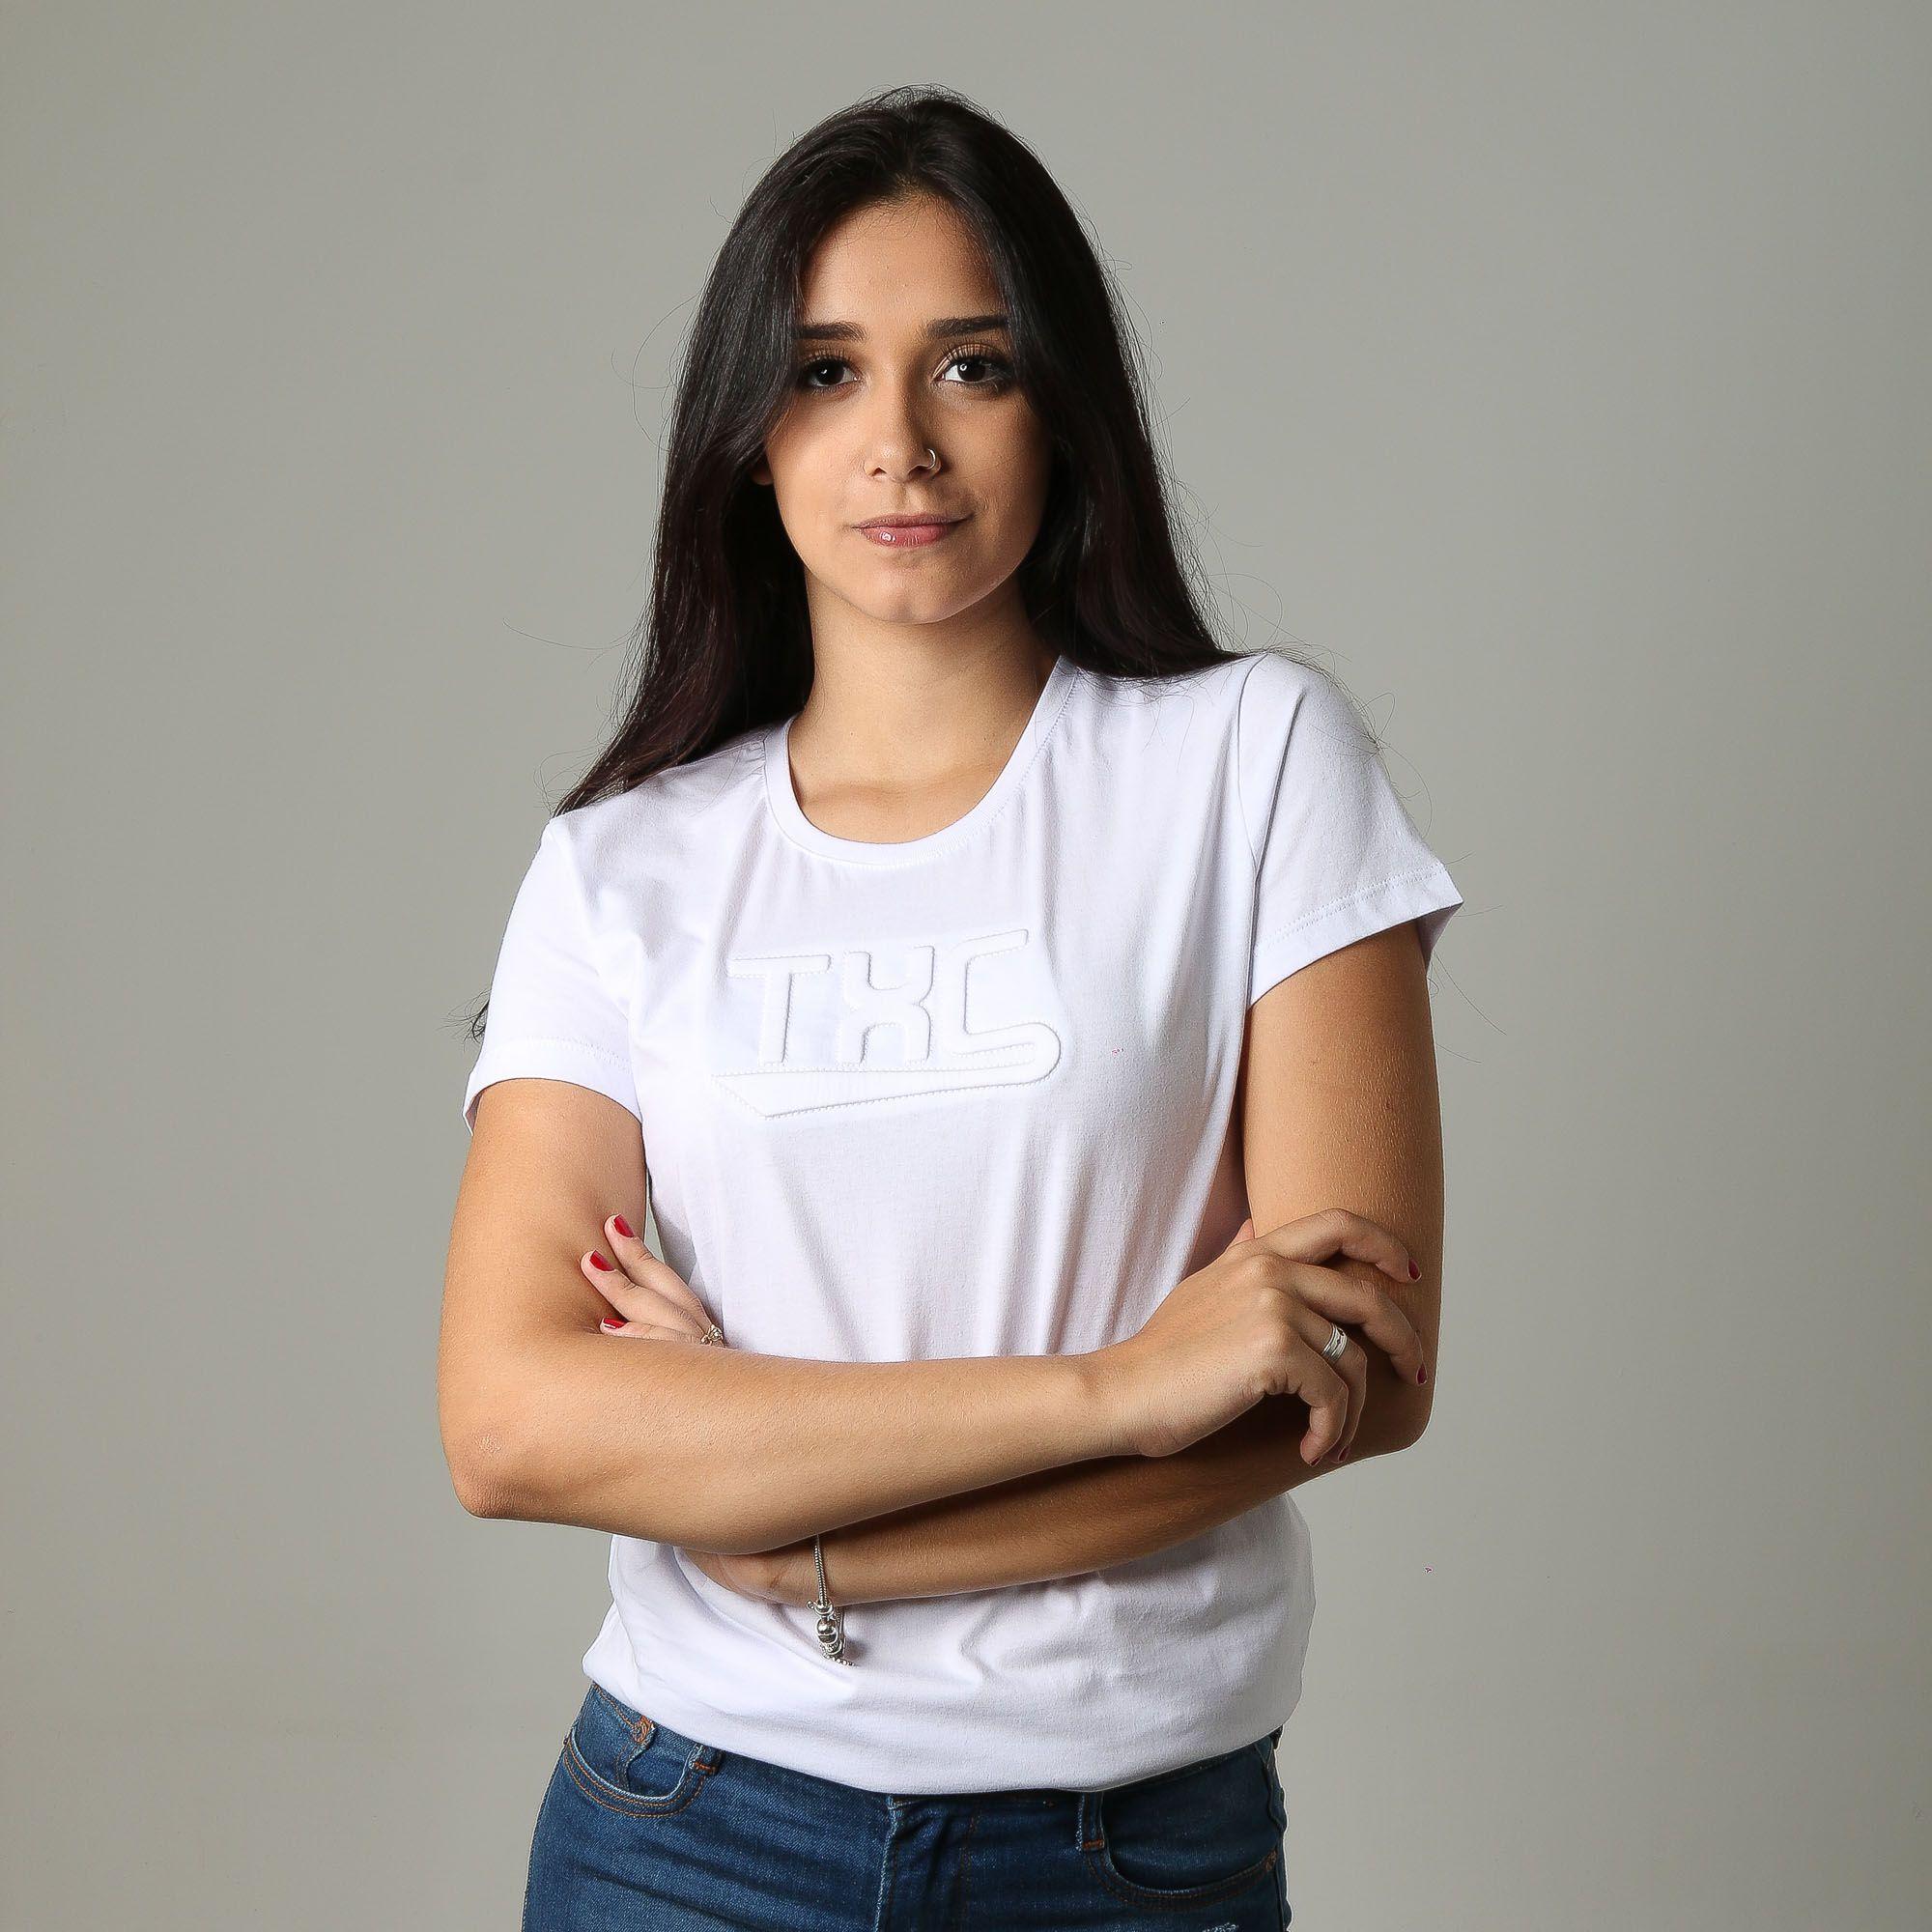 Camiseta Feminina TXC 4520